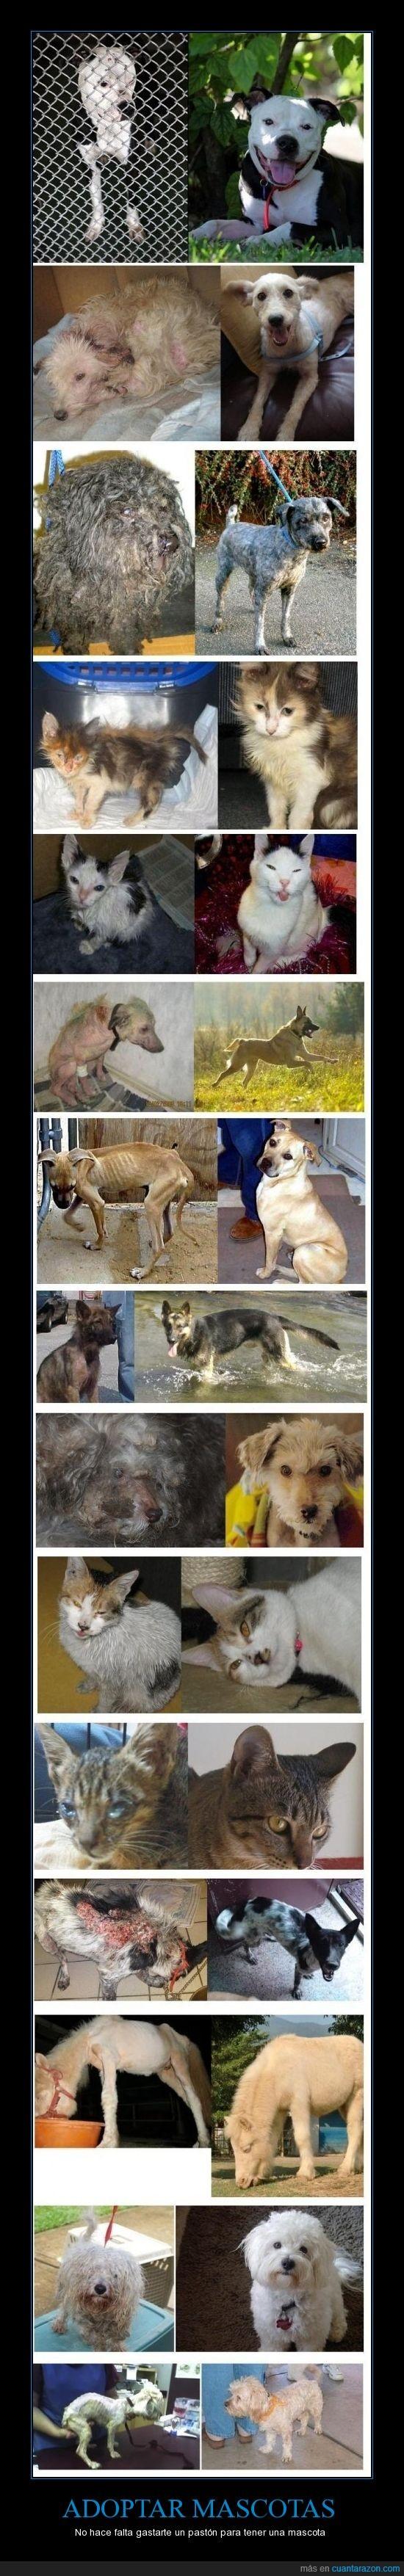 adopcion,gato,mascotas,perro